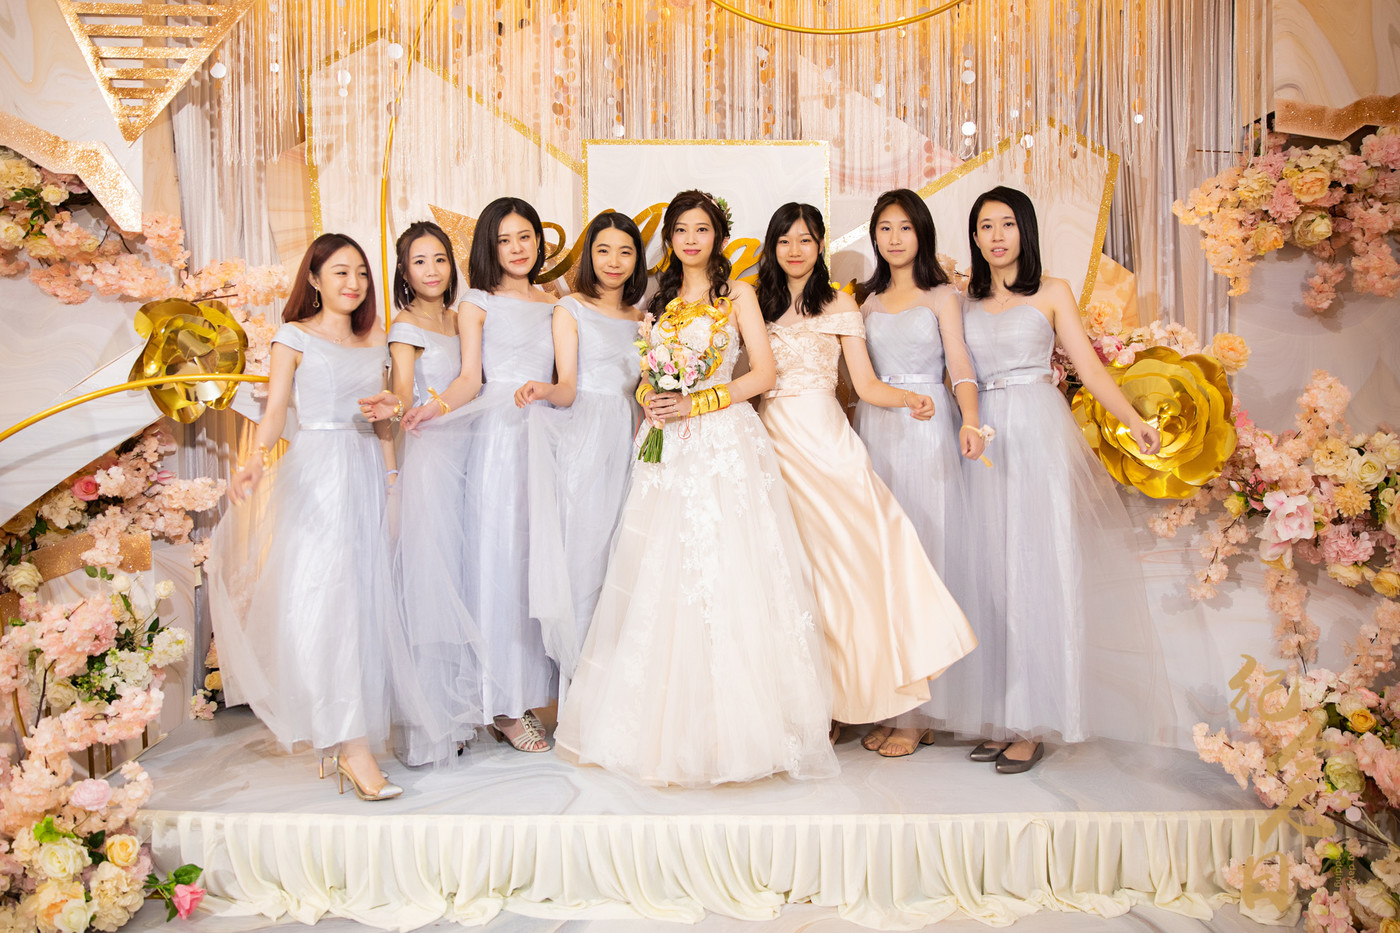 婚礼 | 志明&琳琳63